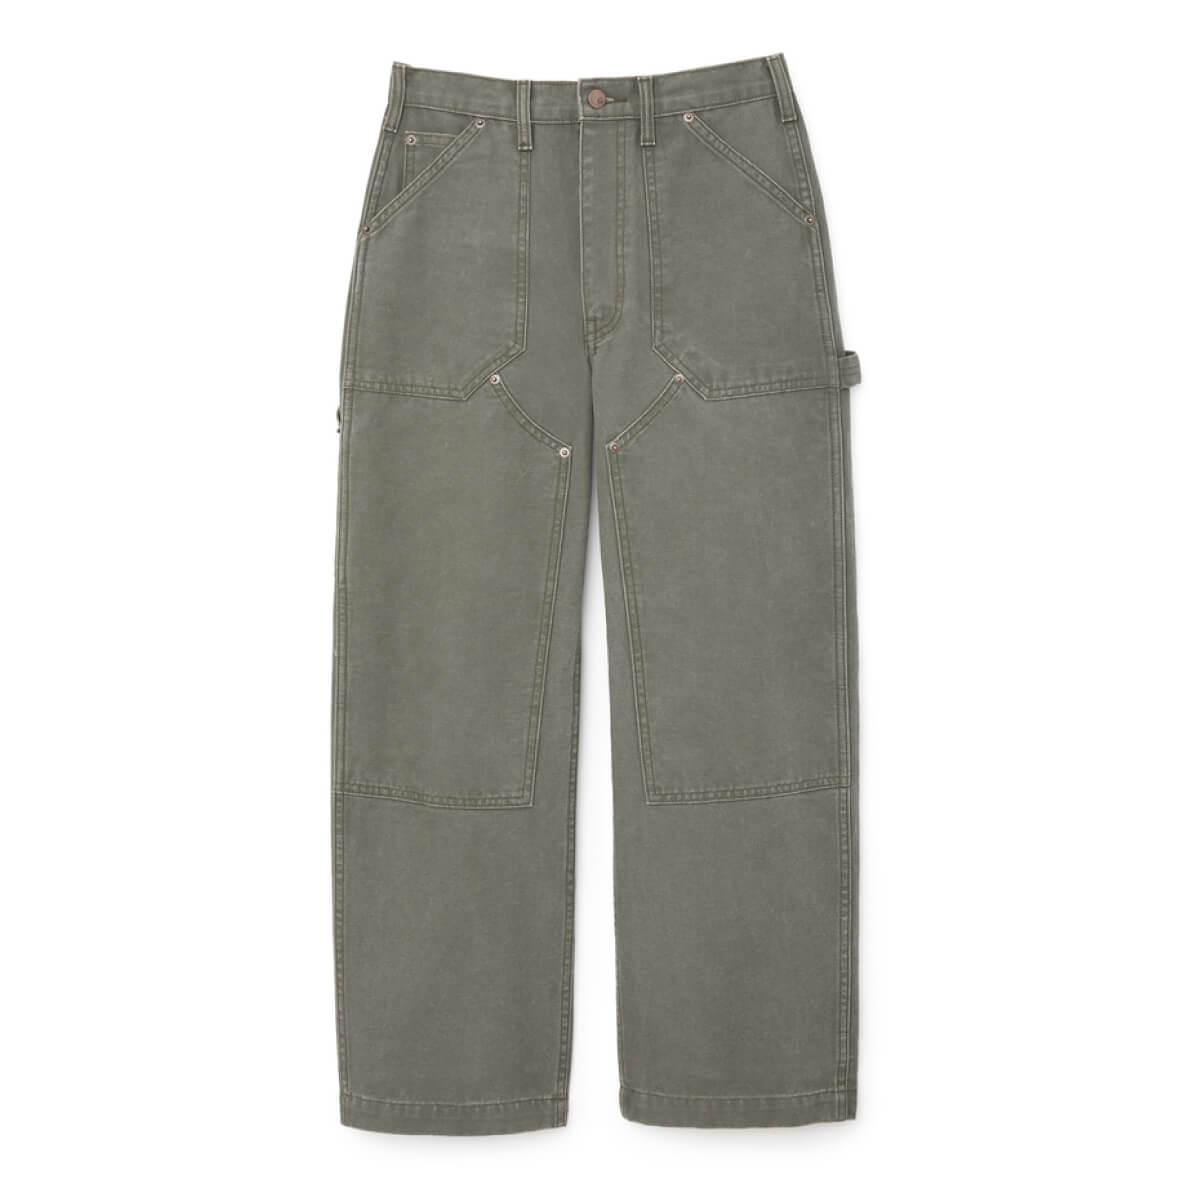 G.Label JP Workwear Jeans